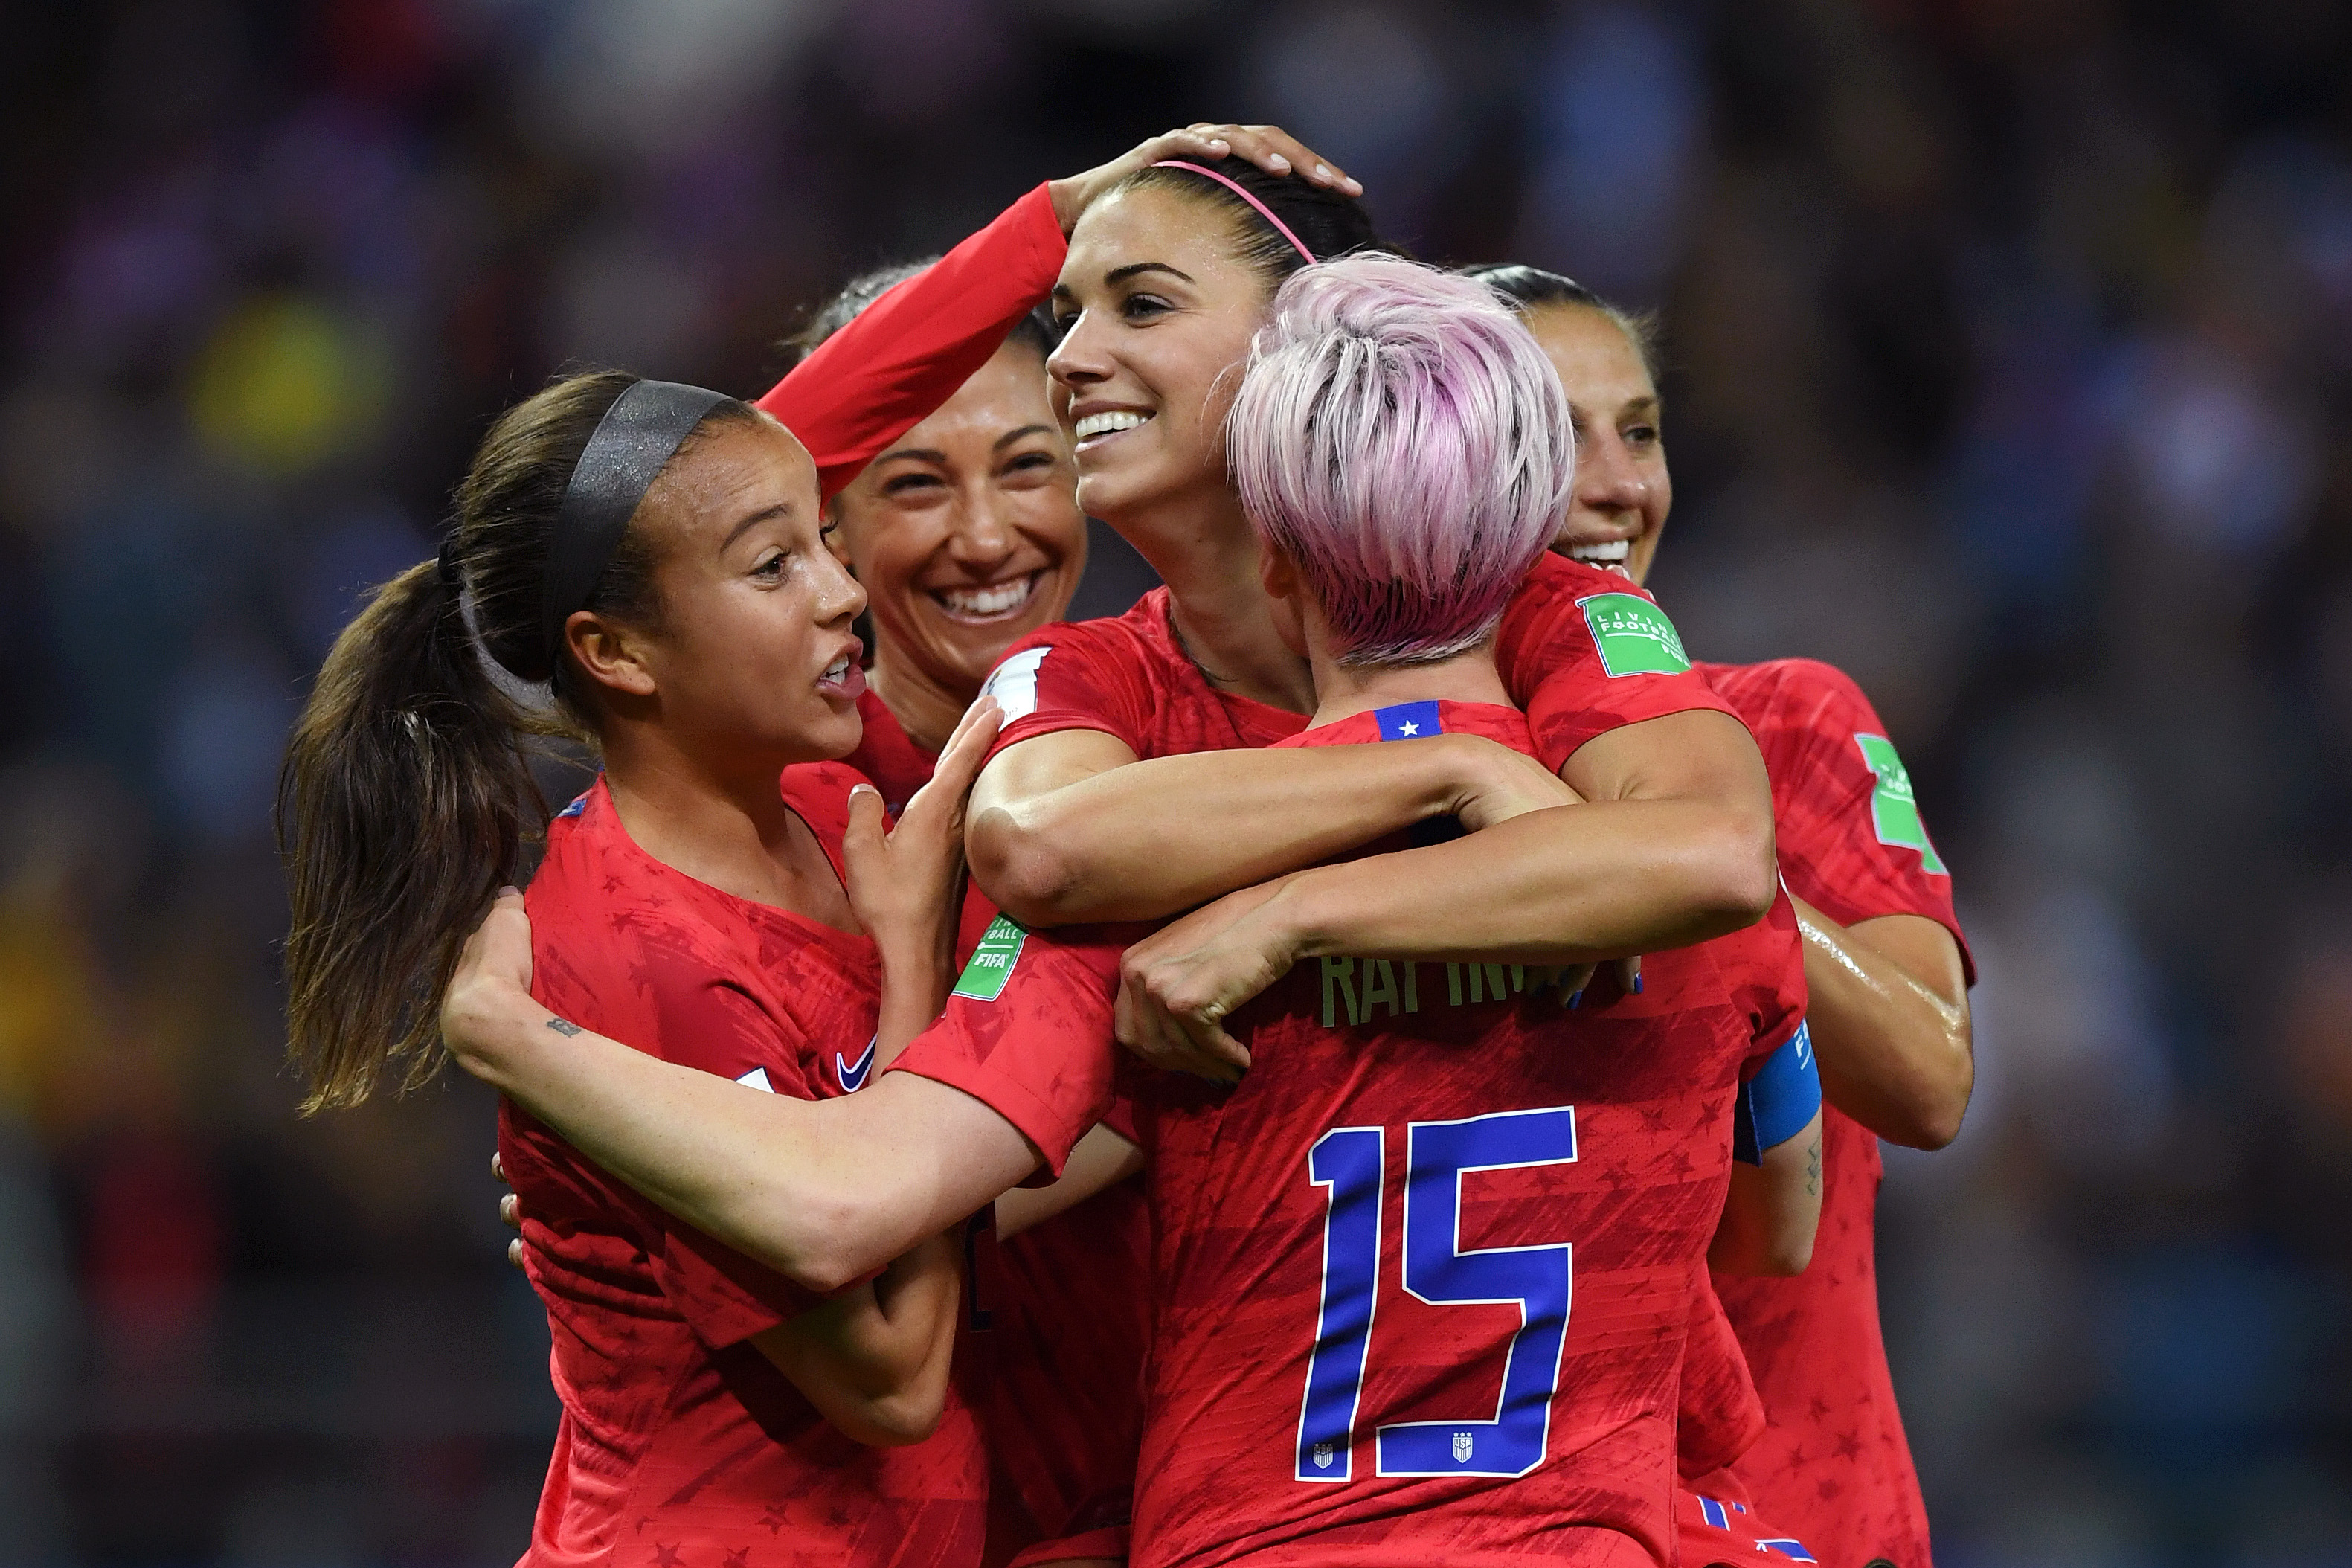 جام جهانی فوتبال زنان ۲۰۱۹؛ با تمام اعضای تیم ملی ایالات متحده آشنا شوید